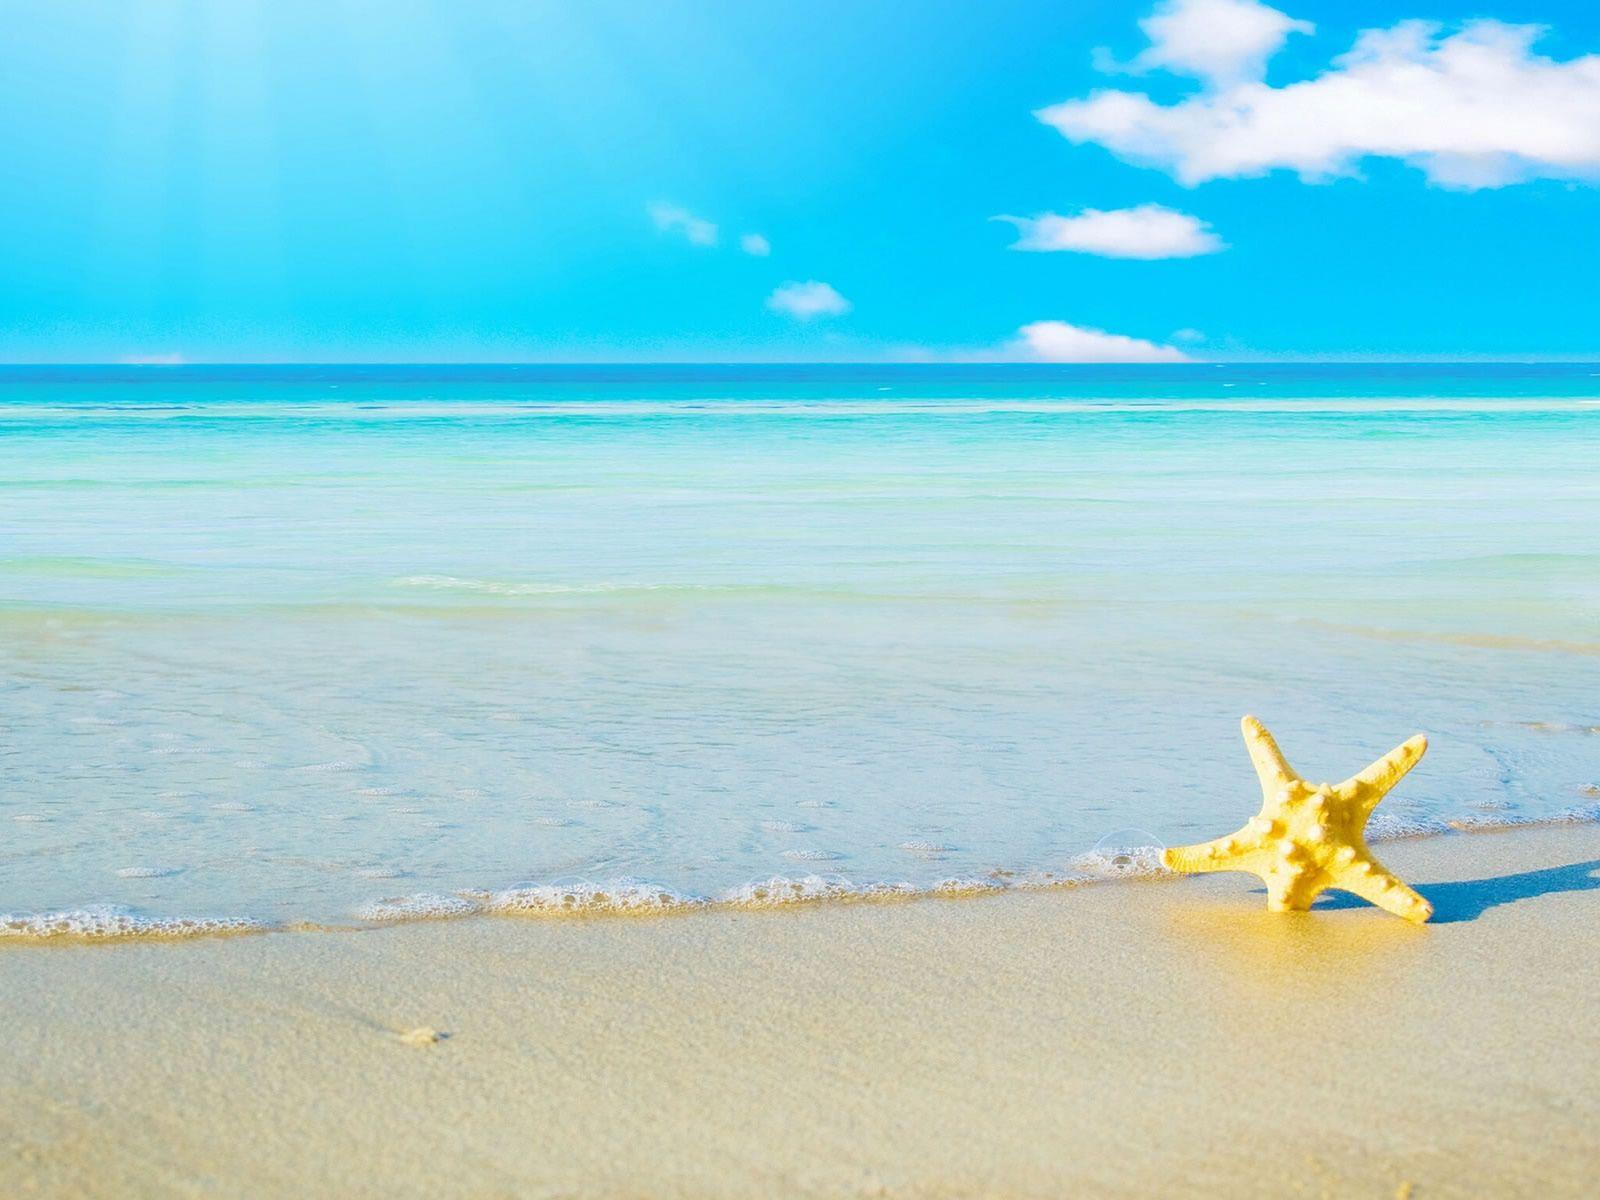 40 beautiful beach wallpapers for your desktop | beach wallpaper